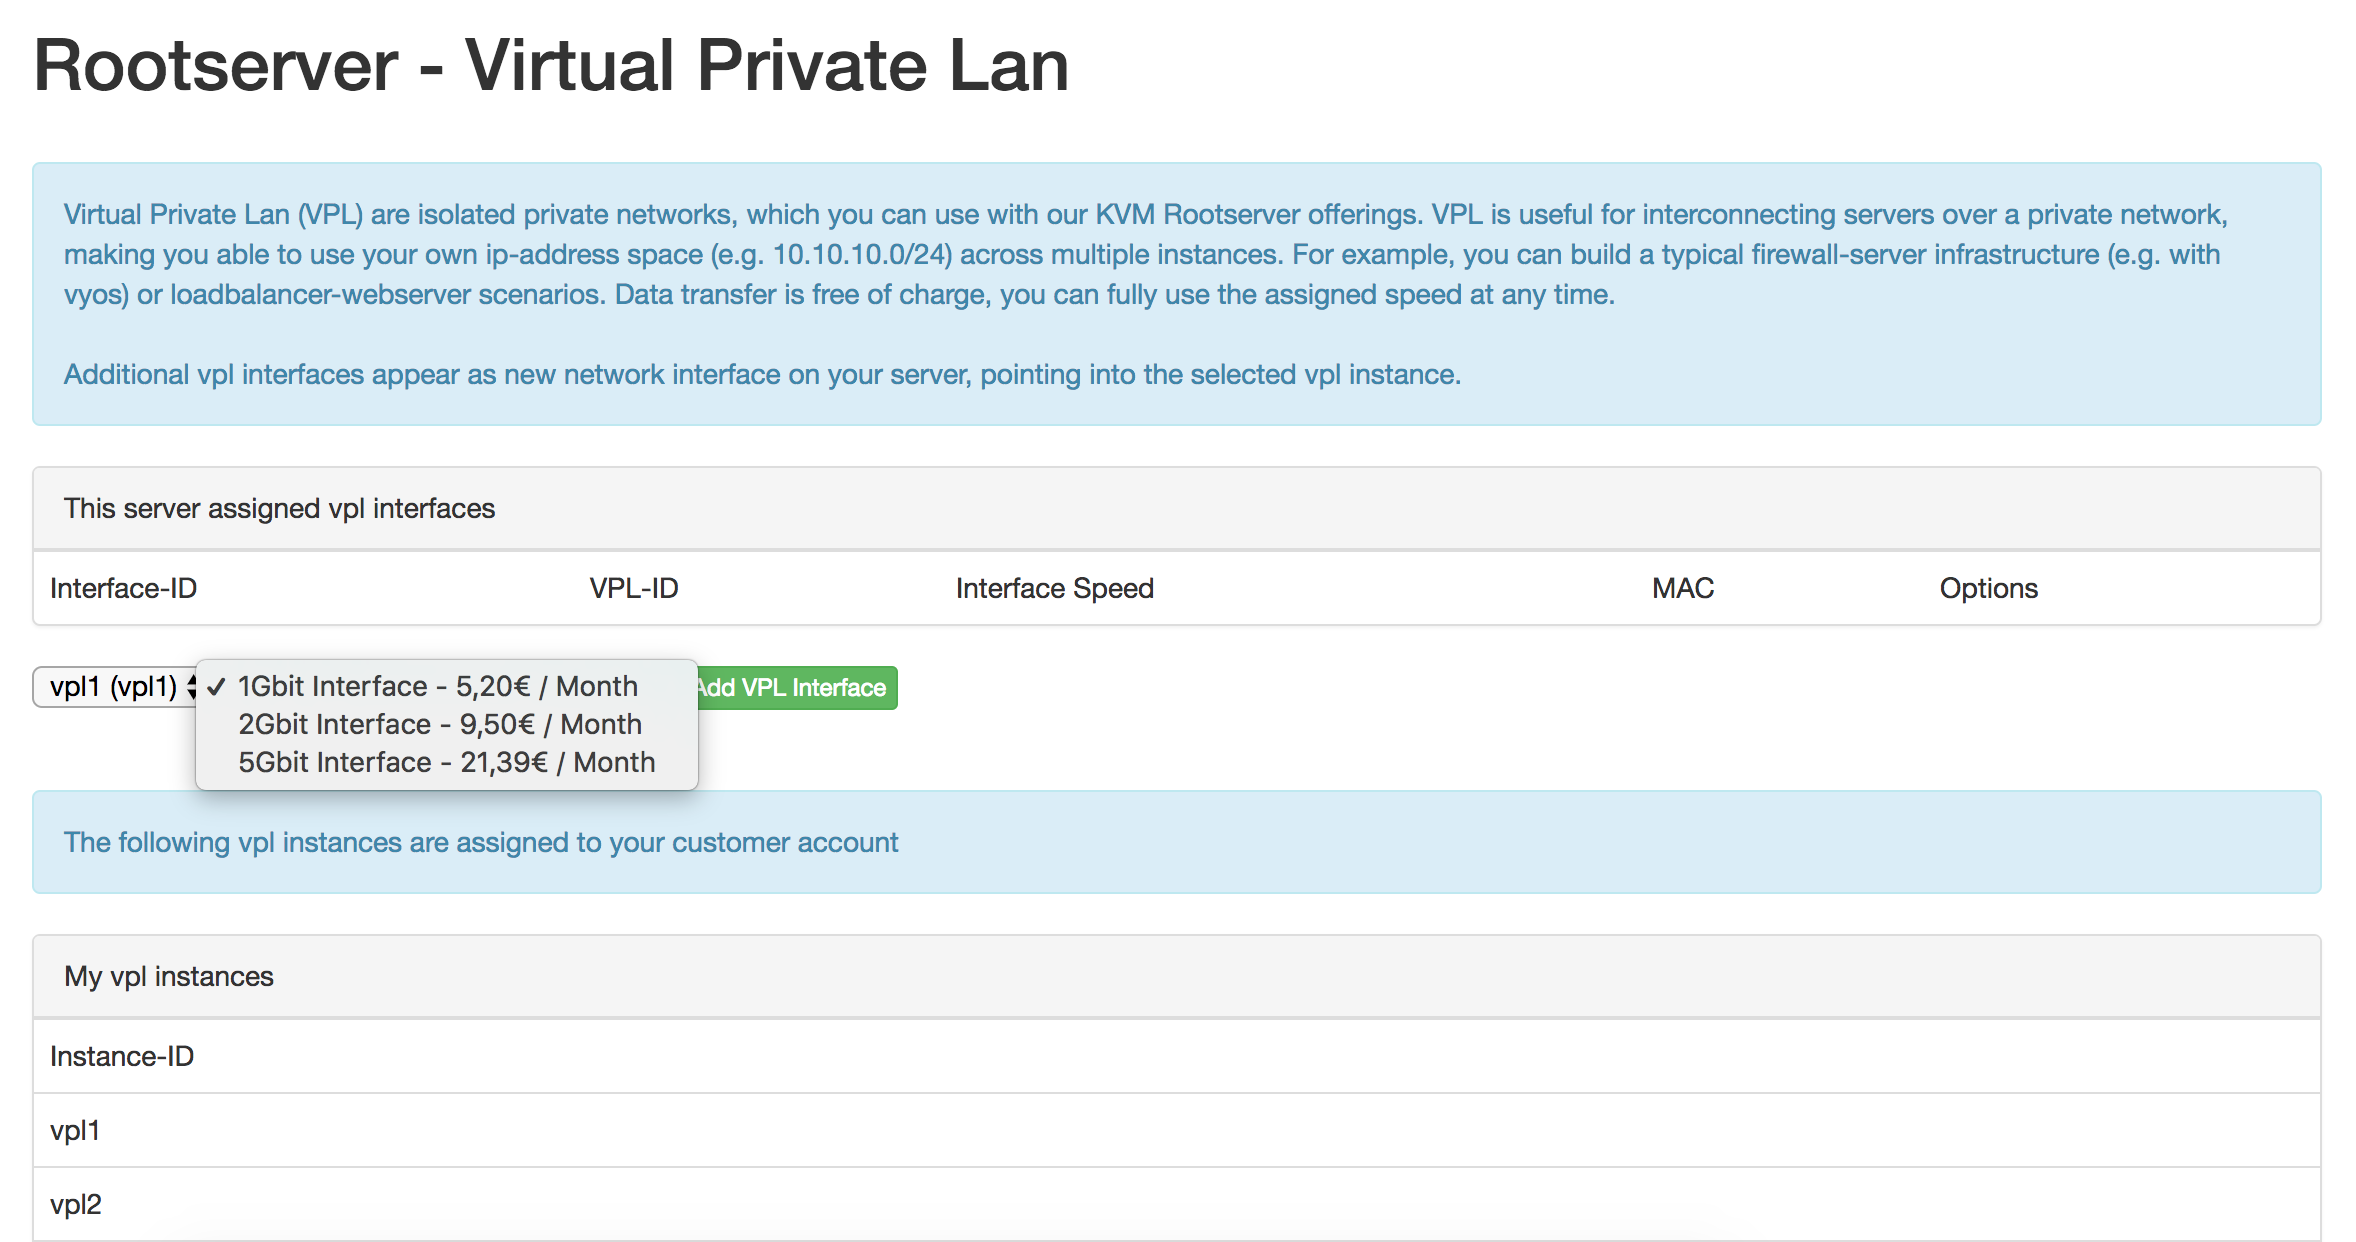 KVM Gen2 Rootserver - DDoS Protected - Frankfurt, Germany